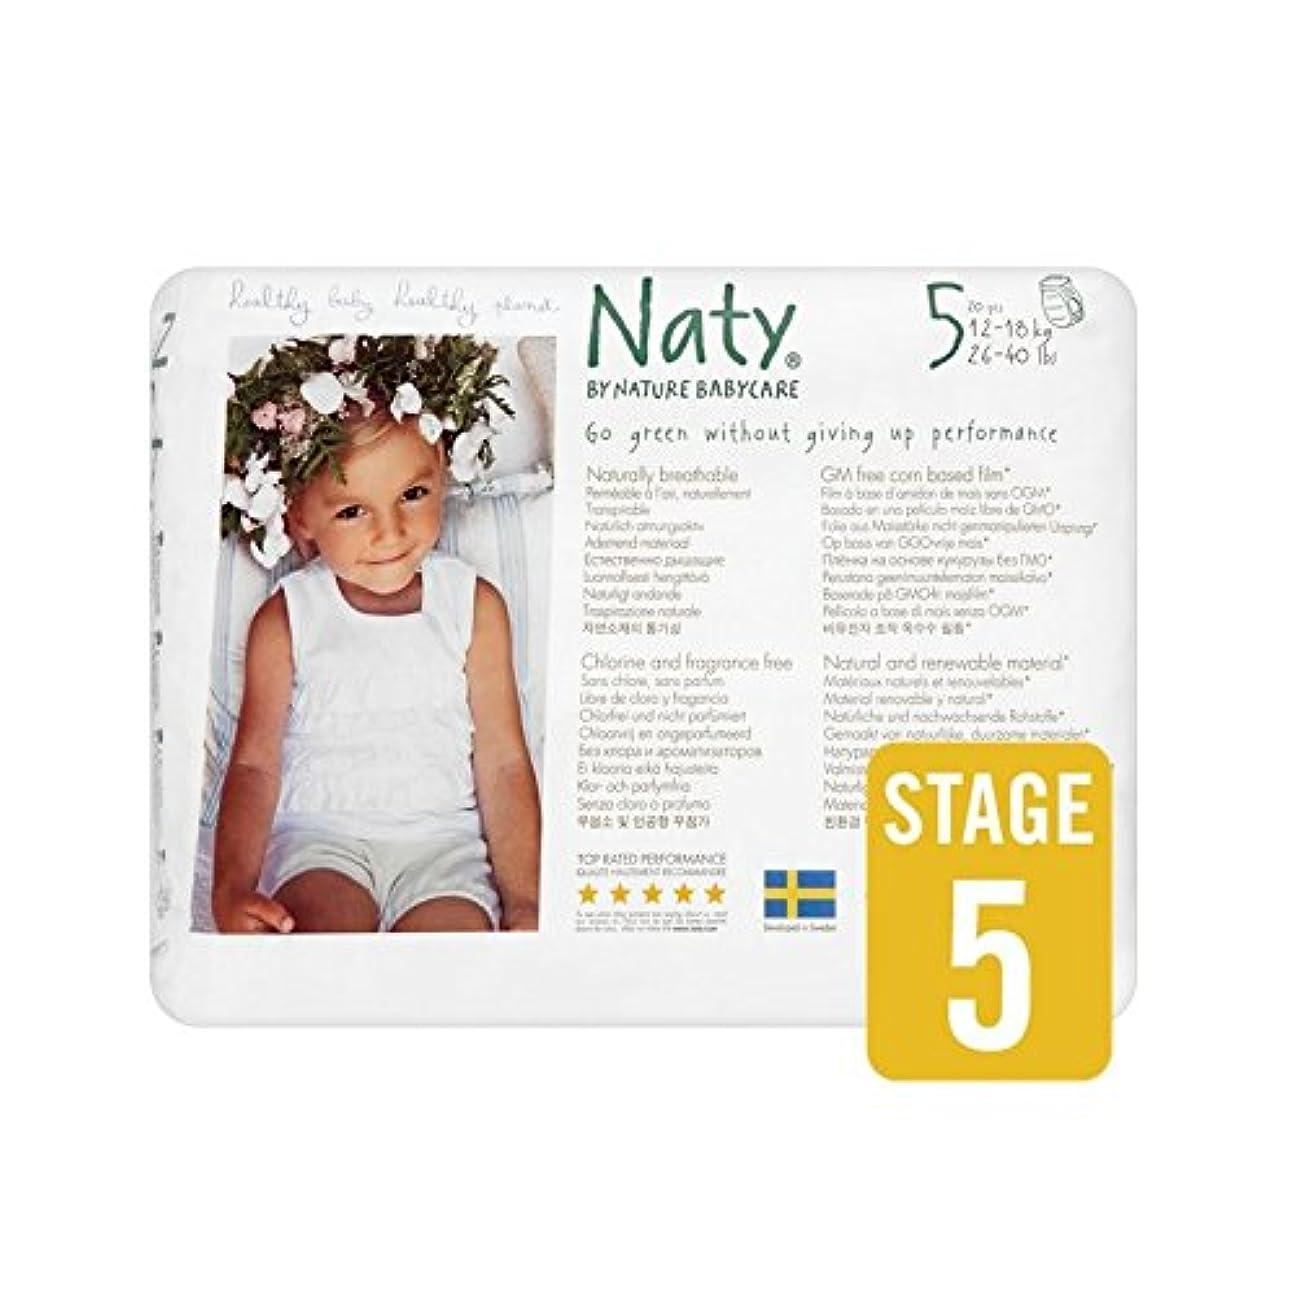 Natyサイズ1パック5おむつパンツ20 (Nature) - Naty Size 5 Nappy Pants 20 per pack [並行輸入品]